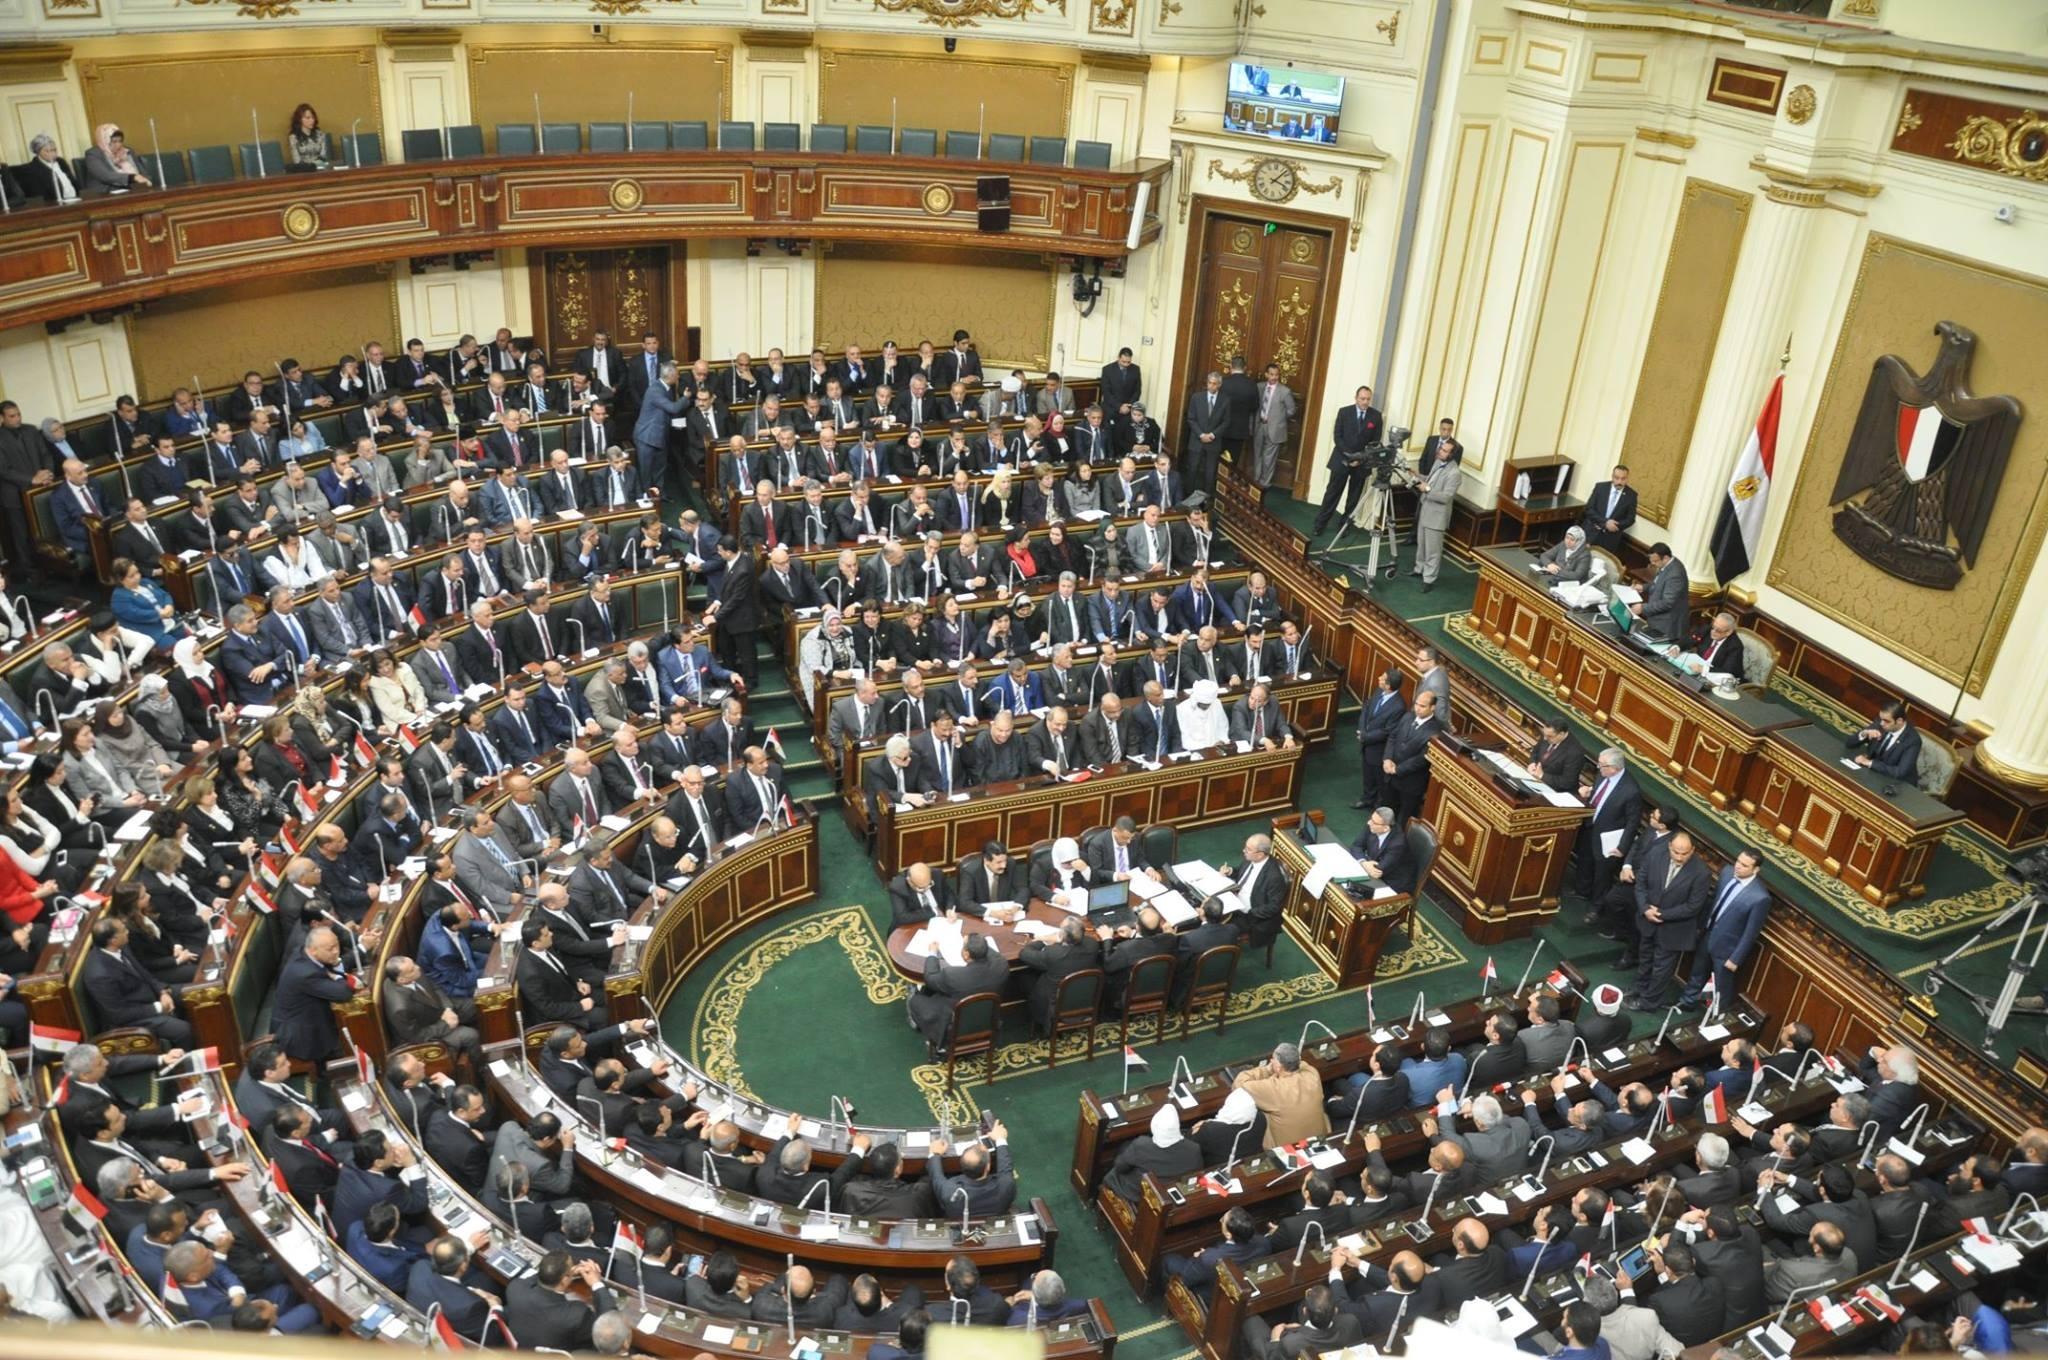 http://shbabbek.com/upload/إحالة نائب البرلمان أحمد طنطاوي للجنة القيم